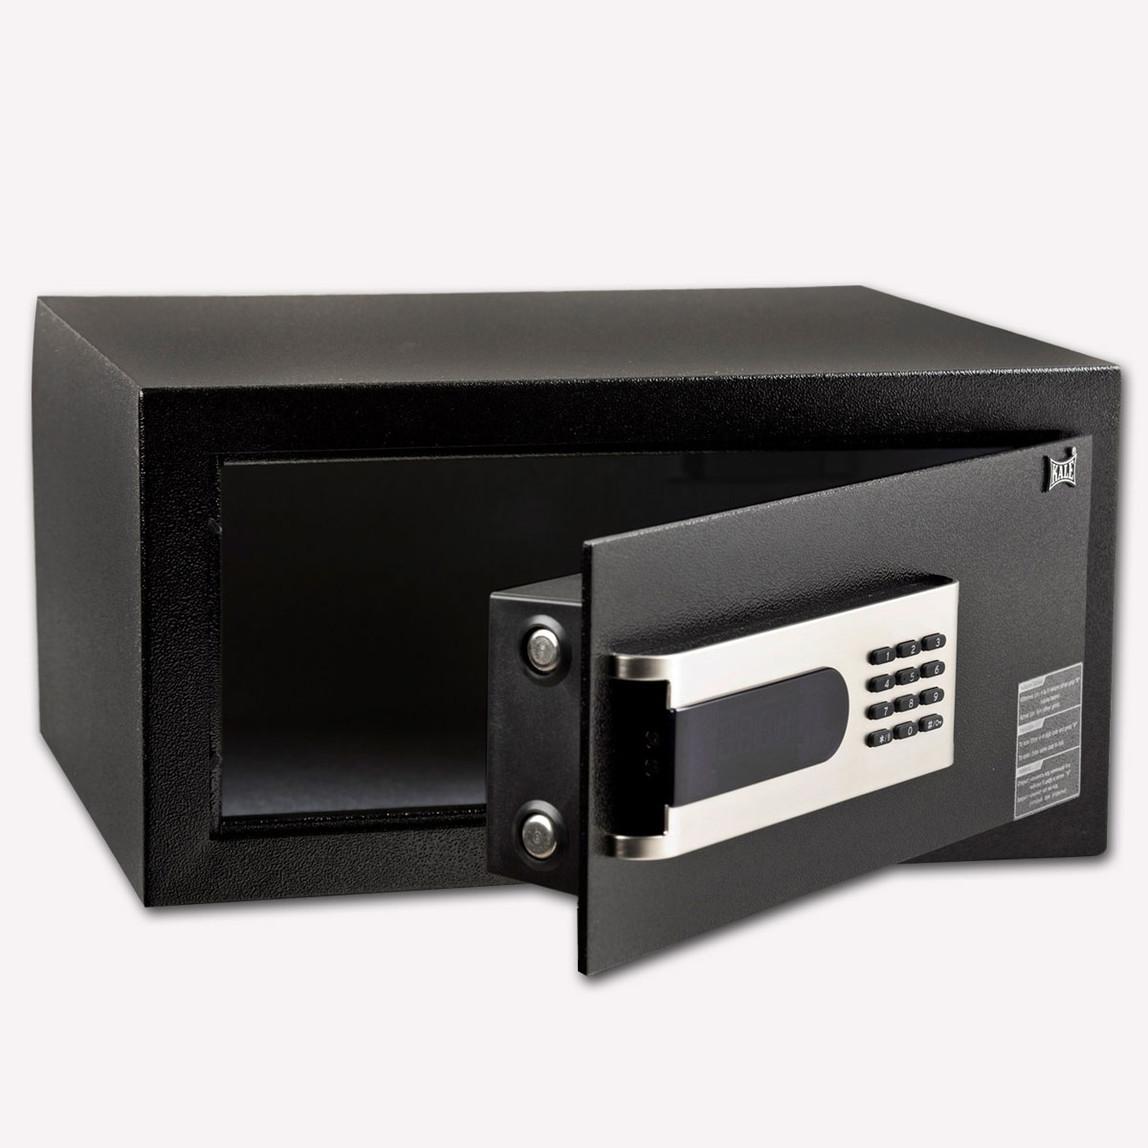 Kale Elektronik Dijital Kasa Antrasit Siyah